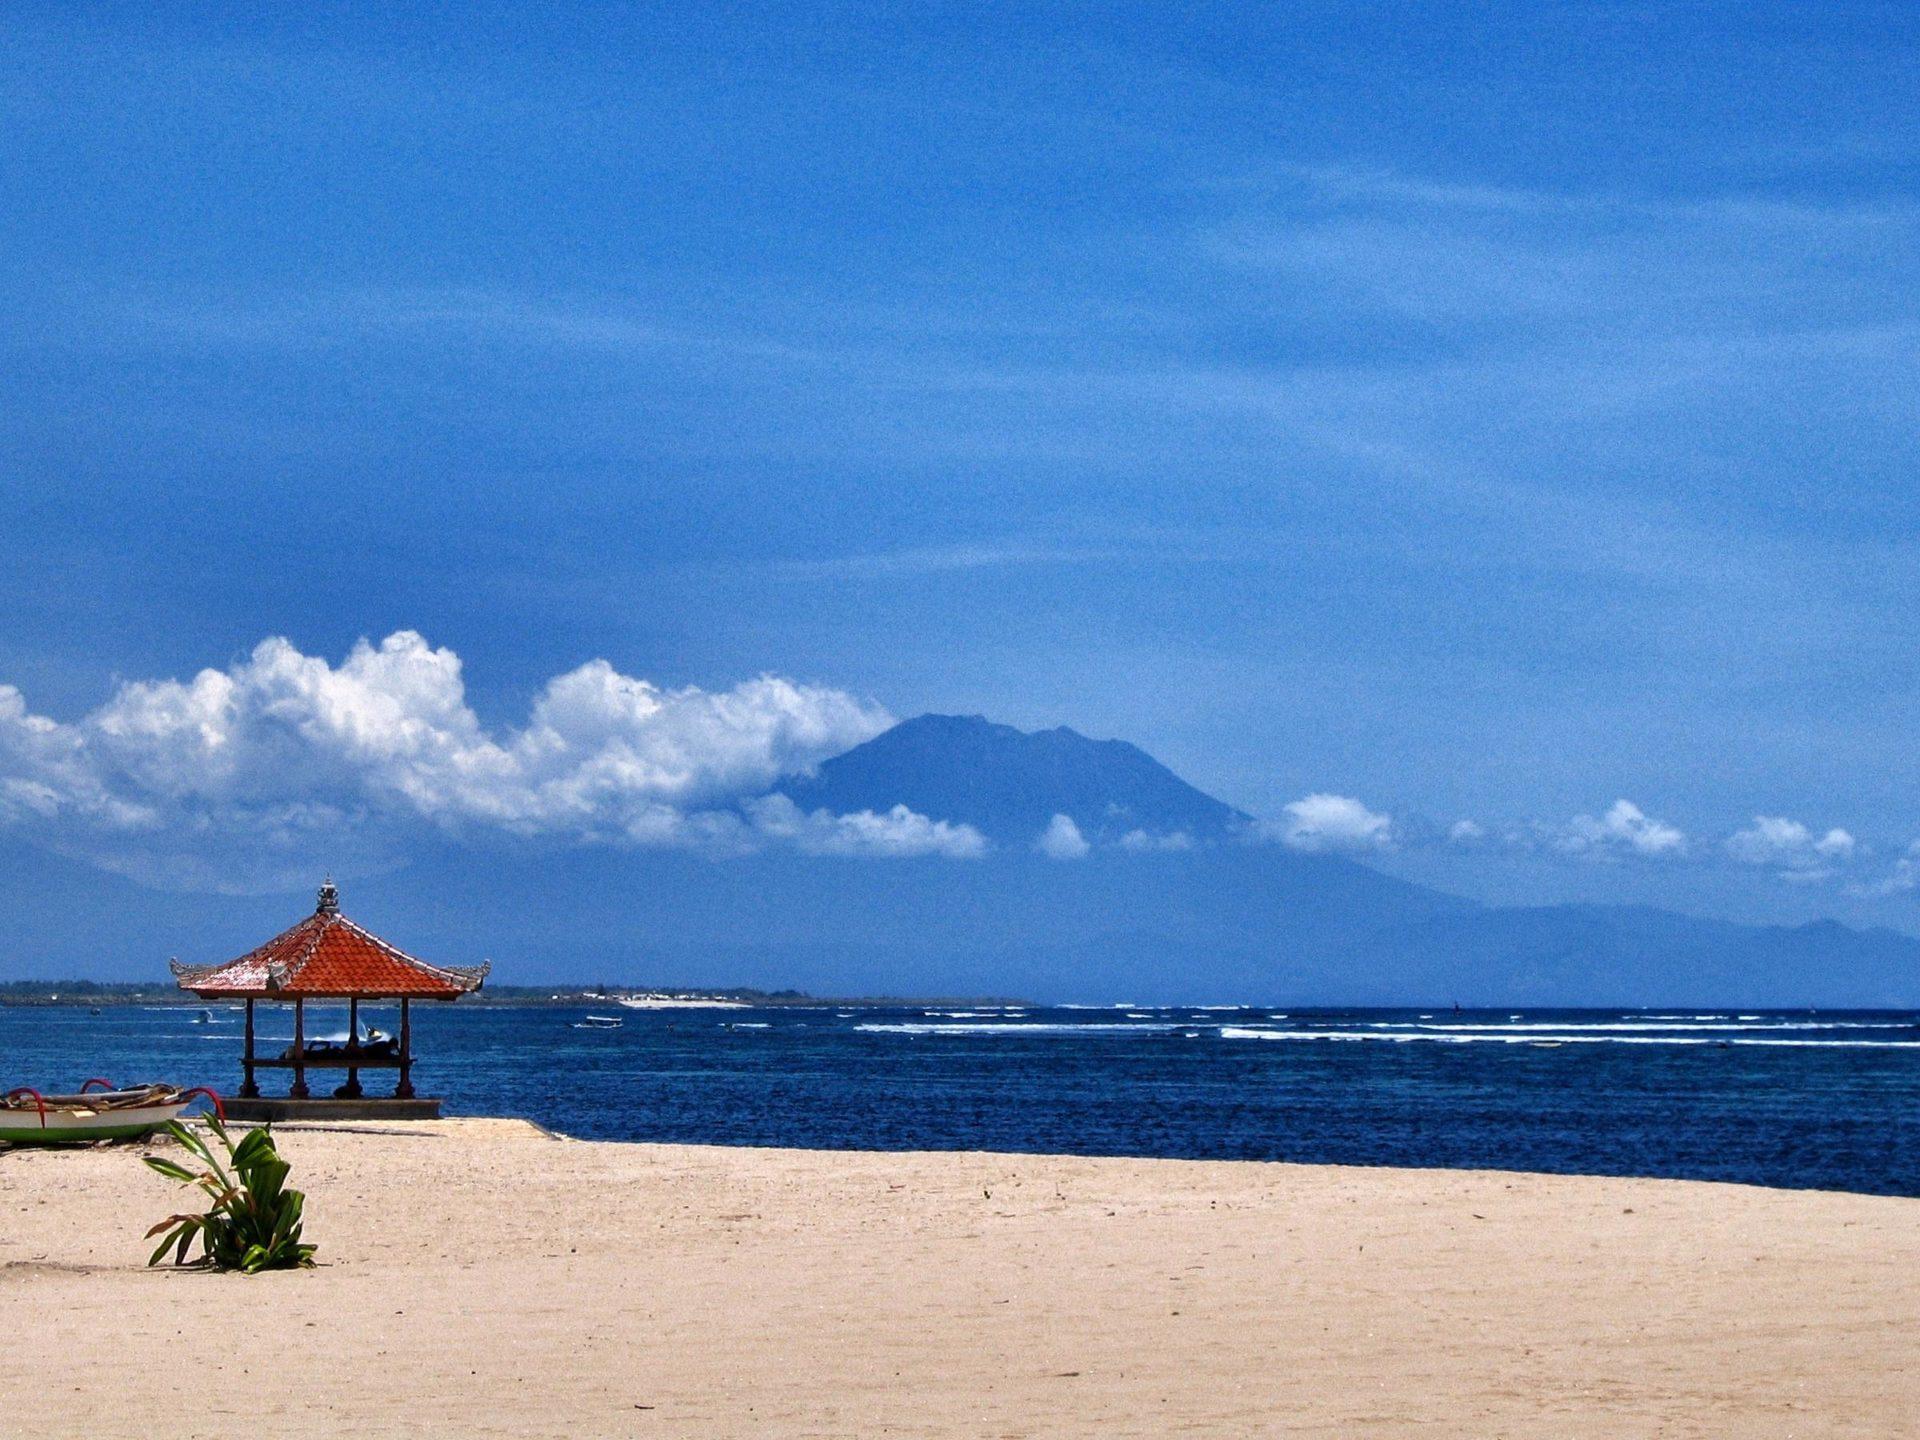 Bali, Indonesia: Newsflash, it's beautiful.